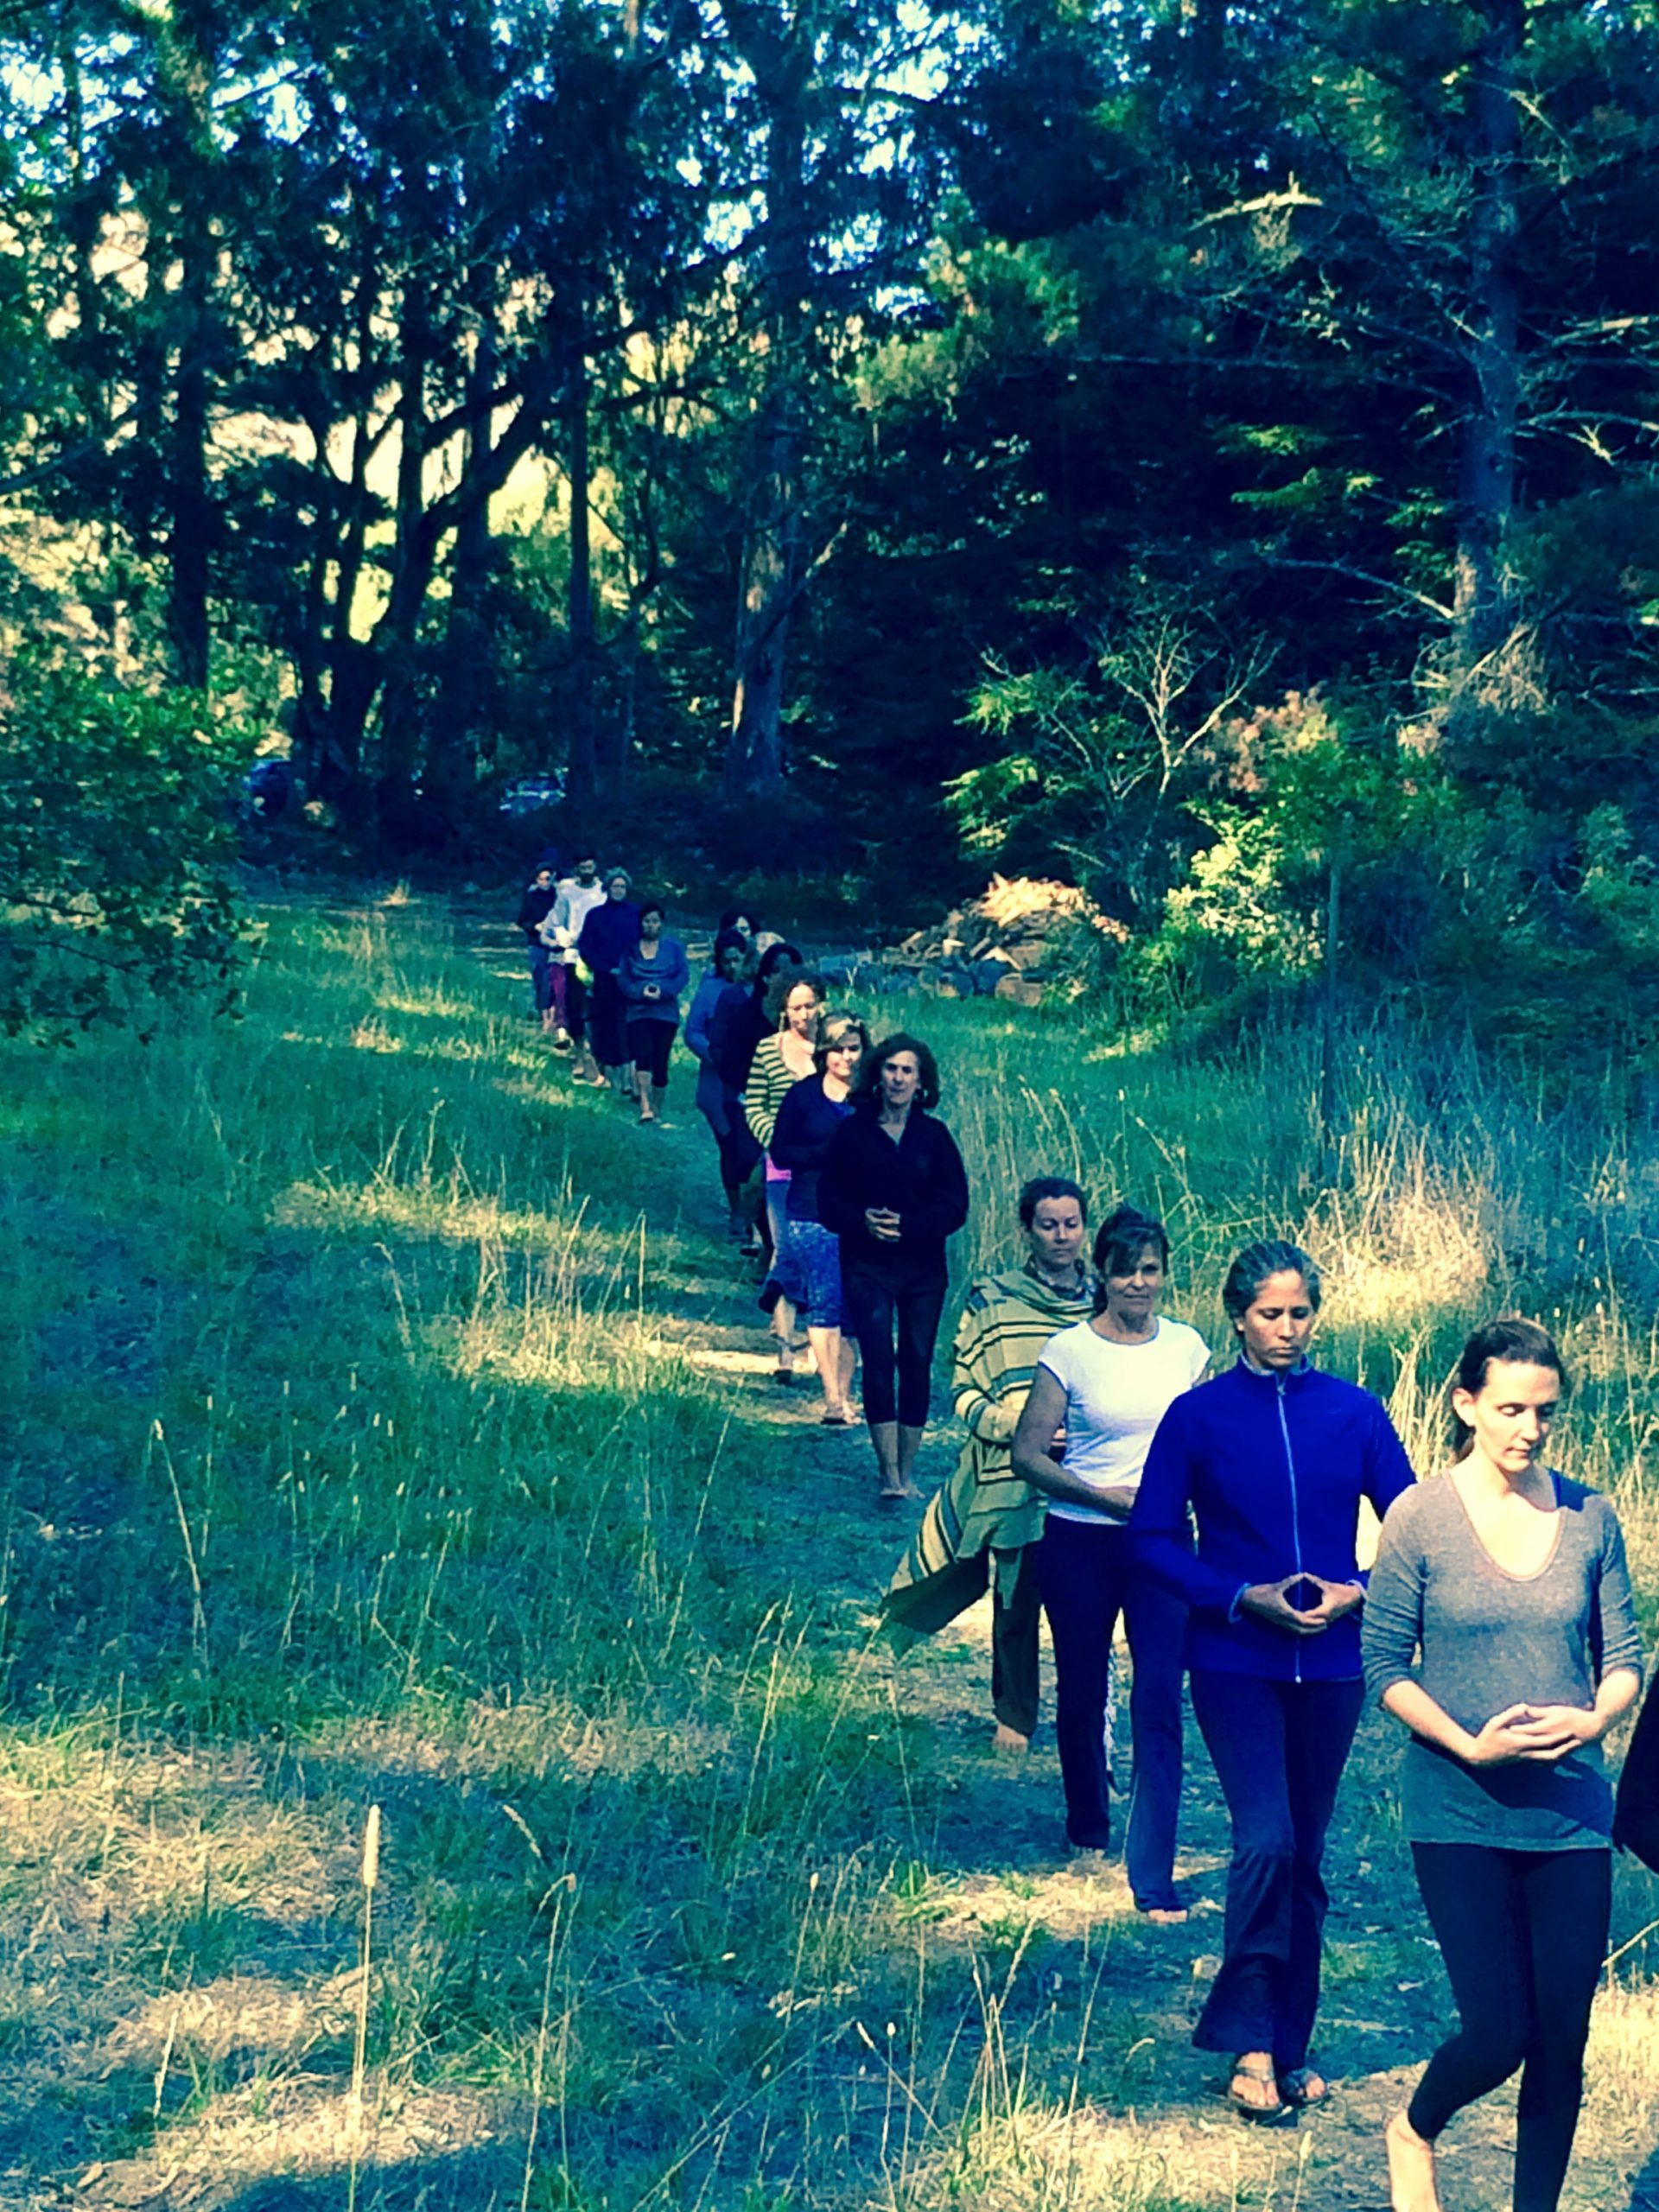 green gulch walking meditation - 1